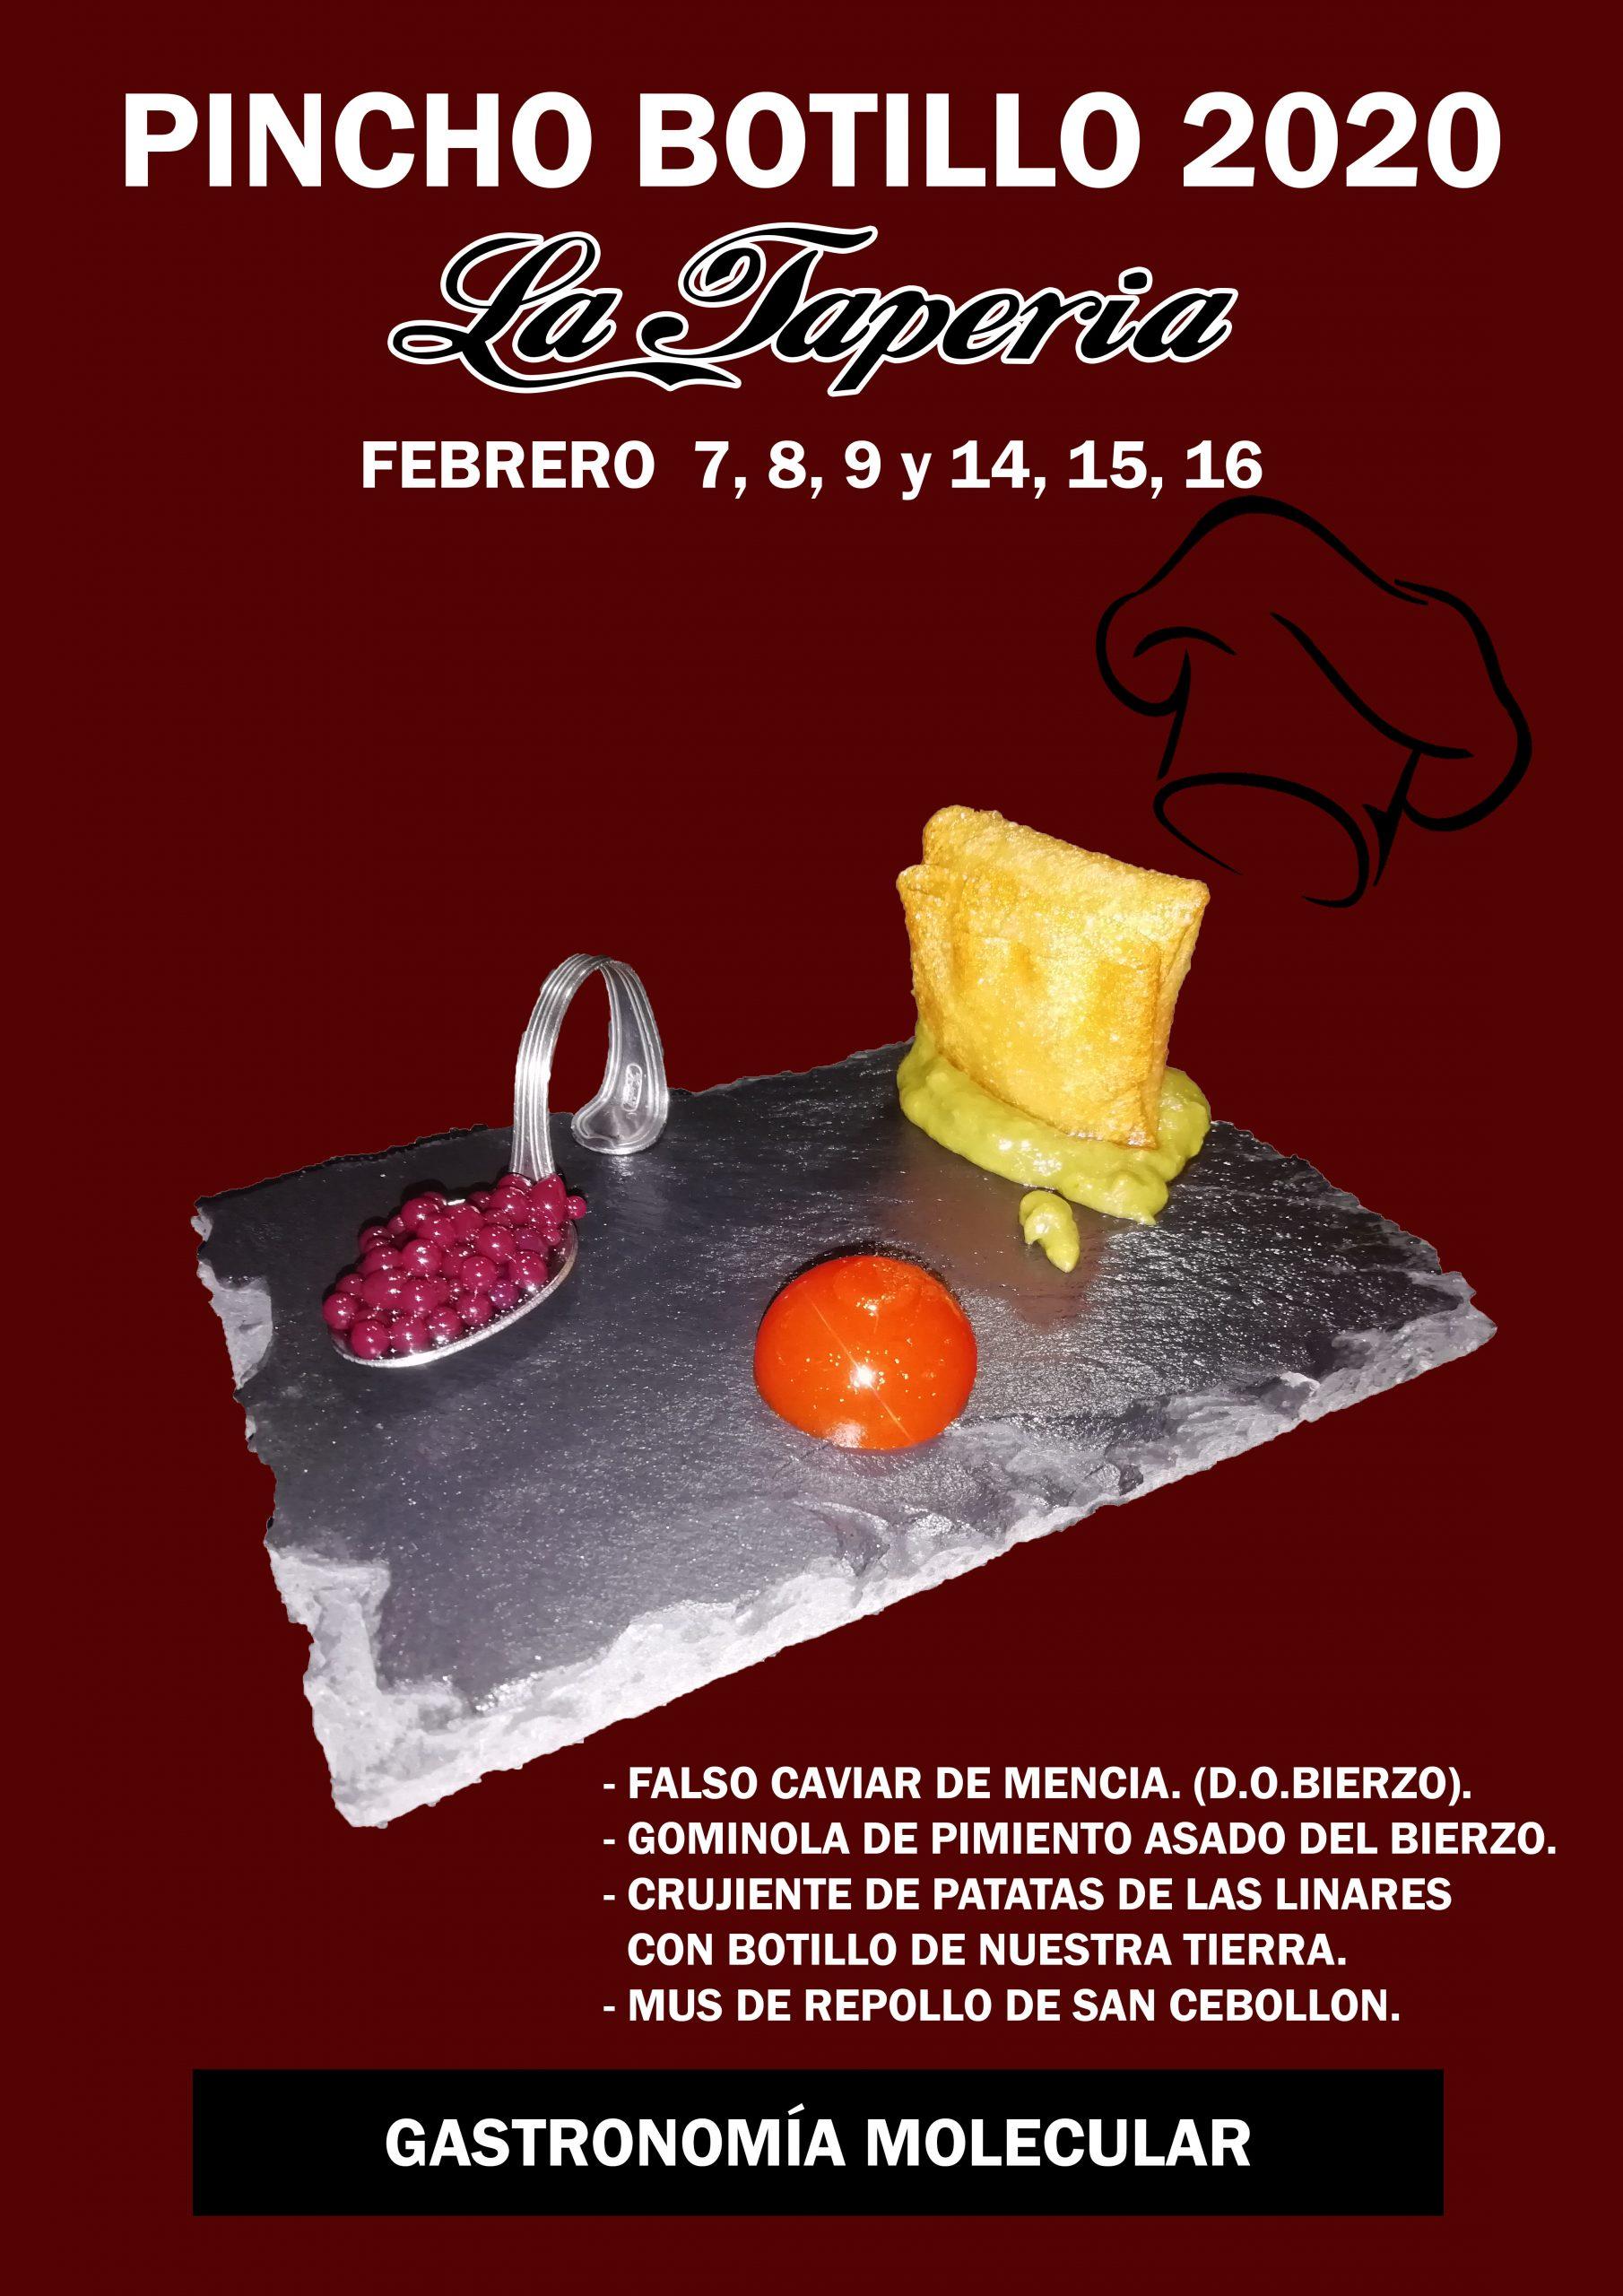 Este fin de semana, podrás degustar las creaciones de los hosteleros de Bembibre que participan en las Jornadas de Pinchos del Botillo 5